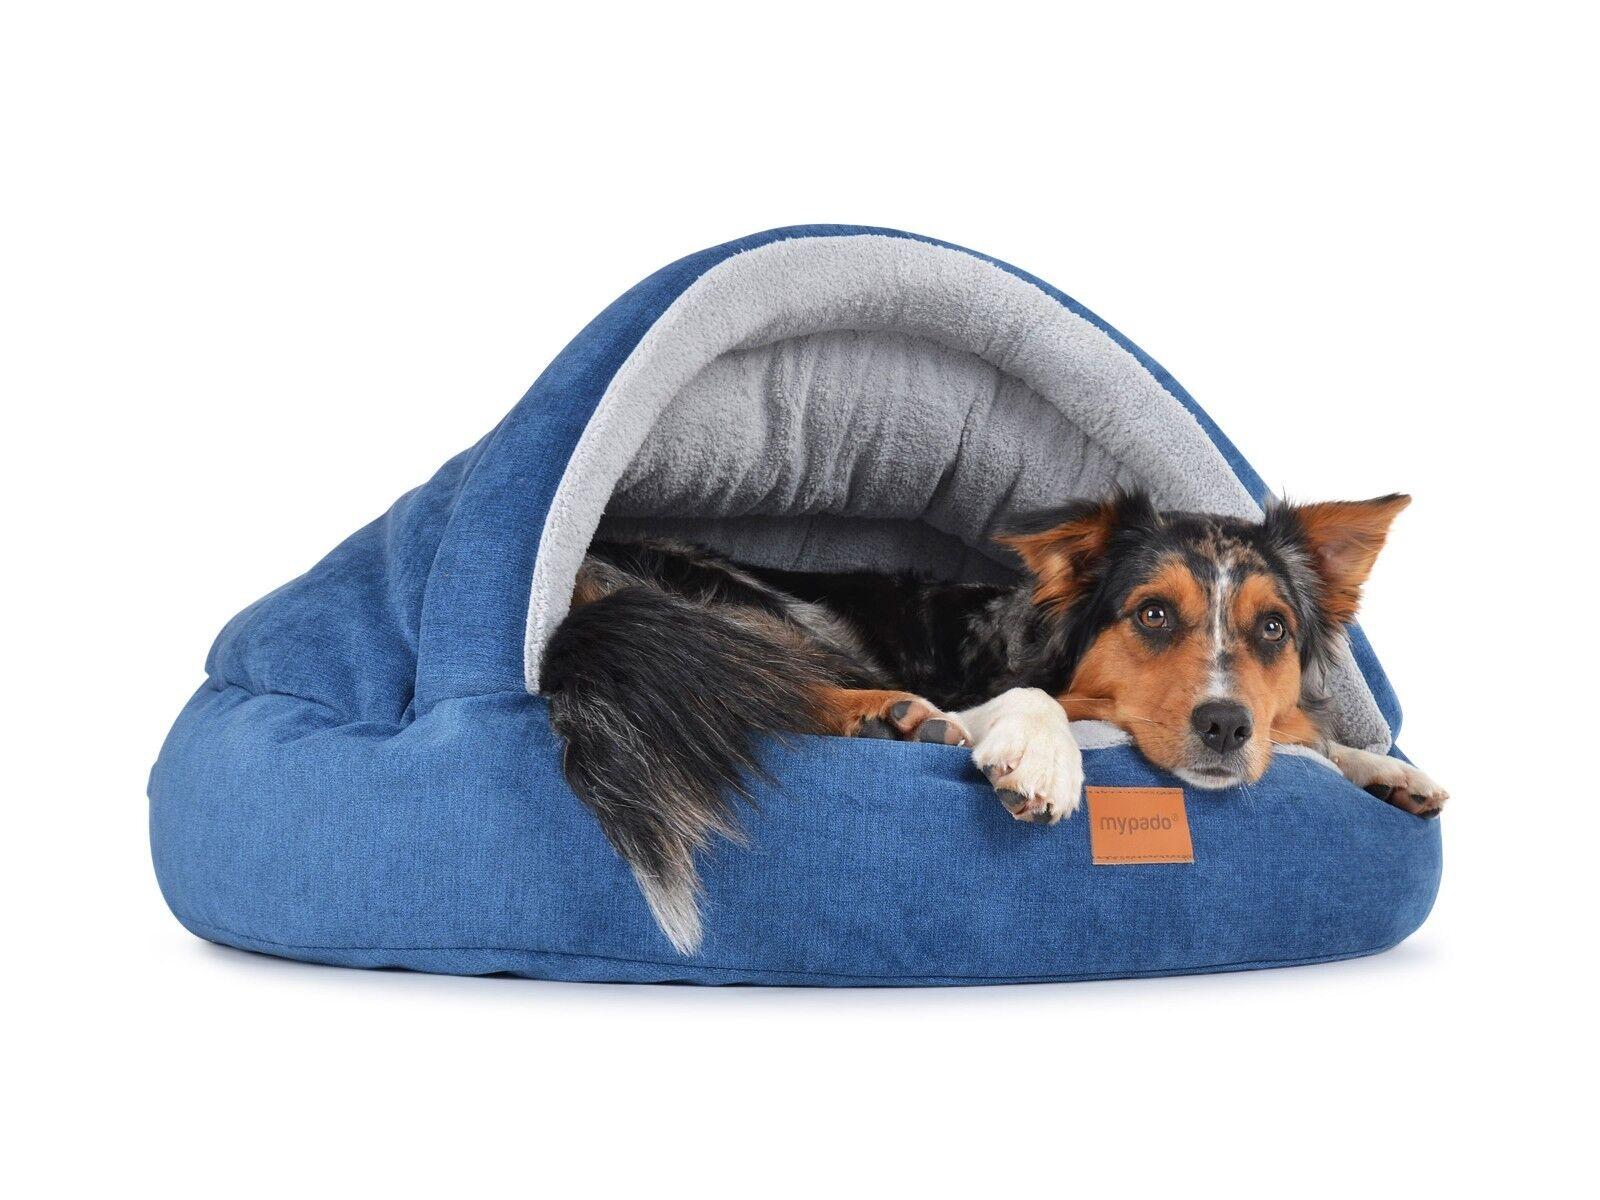 Mypado ® cani grossota luola luola luola Trendline CANE GATTO caverna letto lettino anche ORTOPEDICO 257227